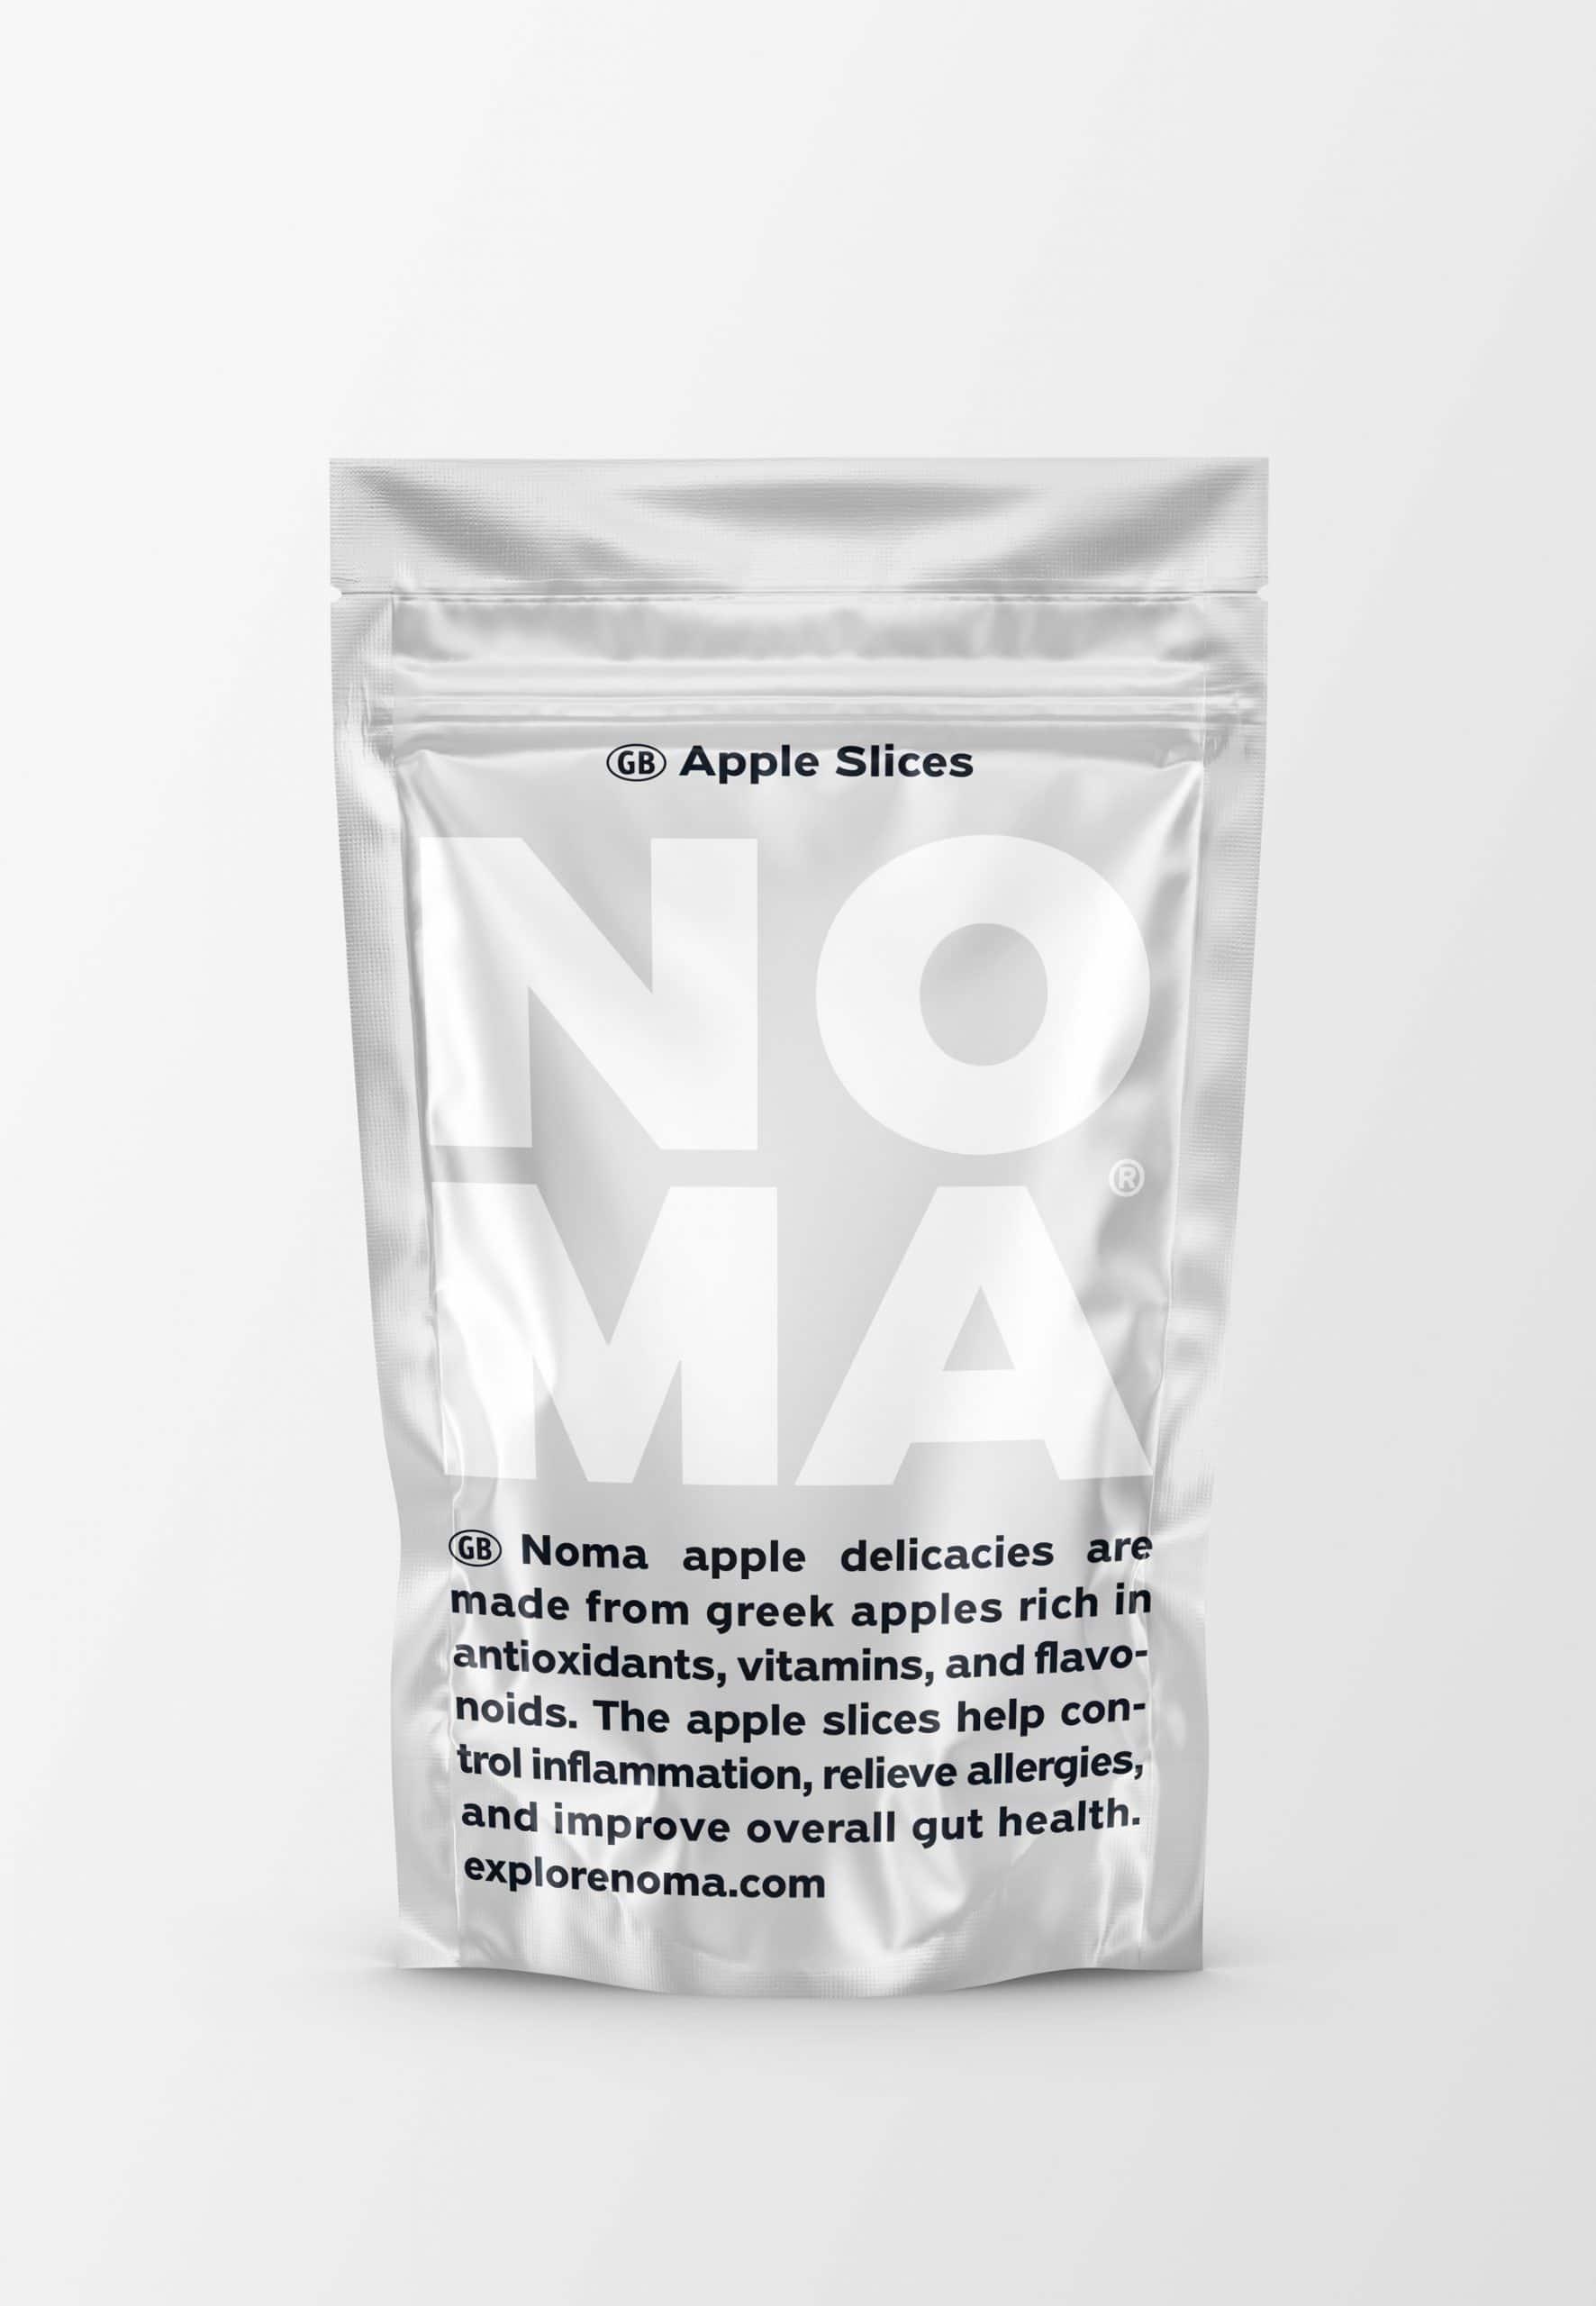 Λιχουδιά αφυδατωμένου μήλου για σκύλους